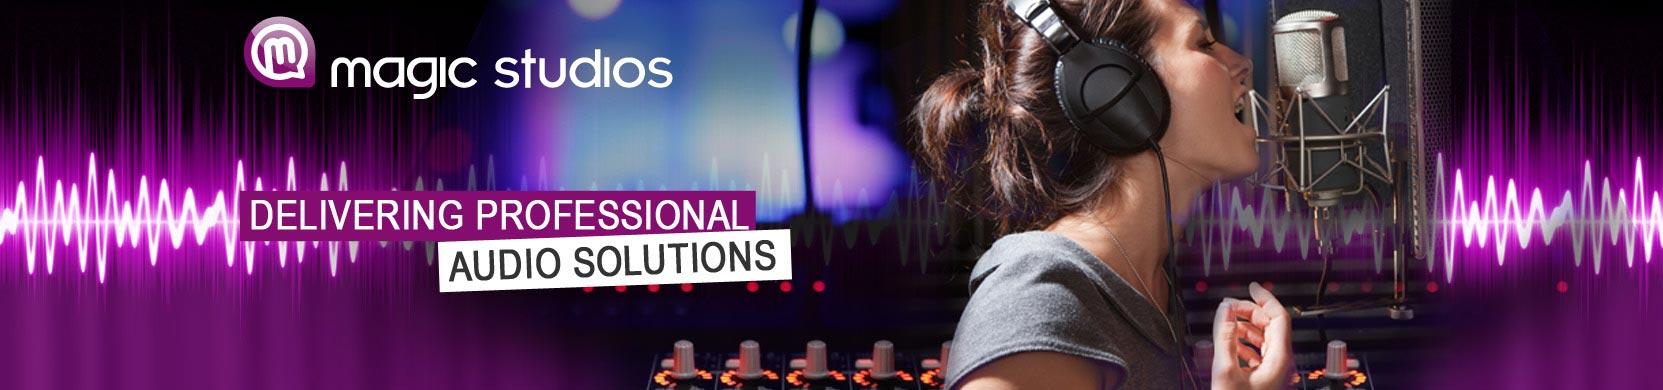 Voice Over Recording Studios | Magic Studios Australia